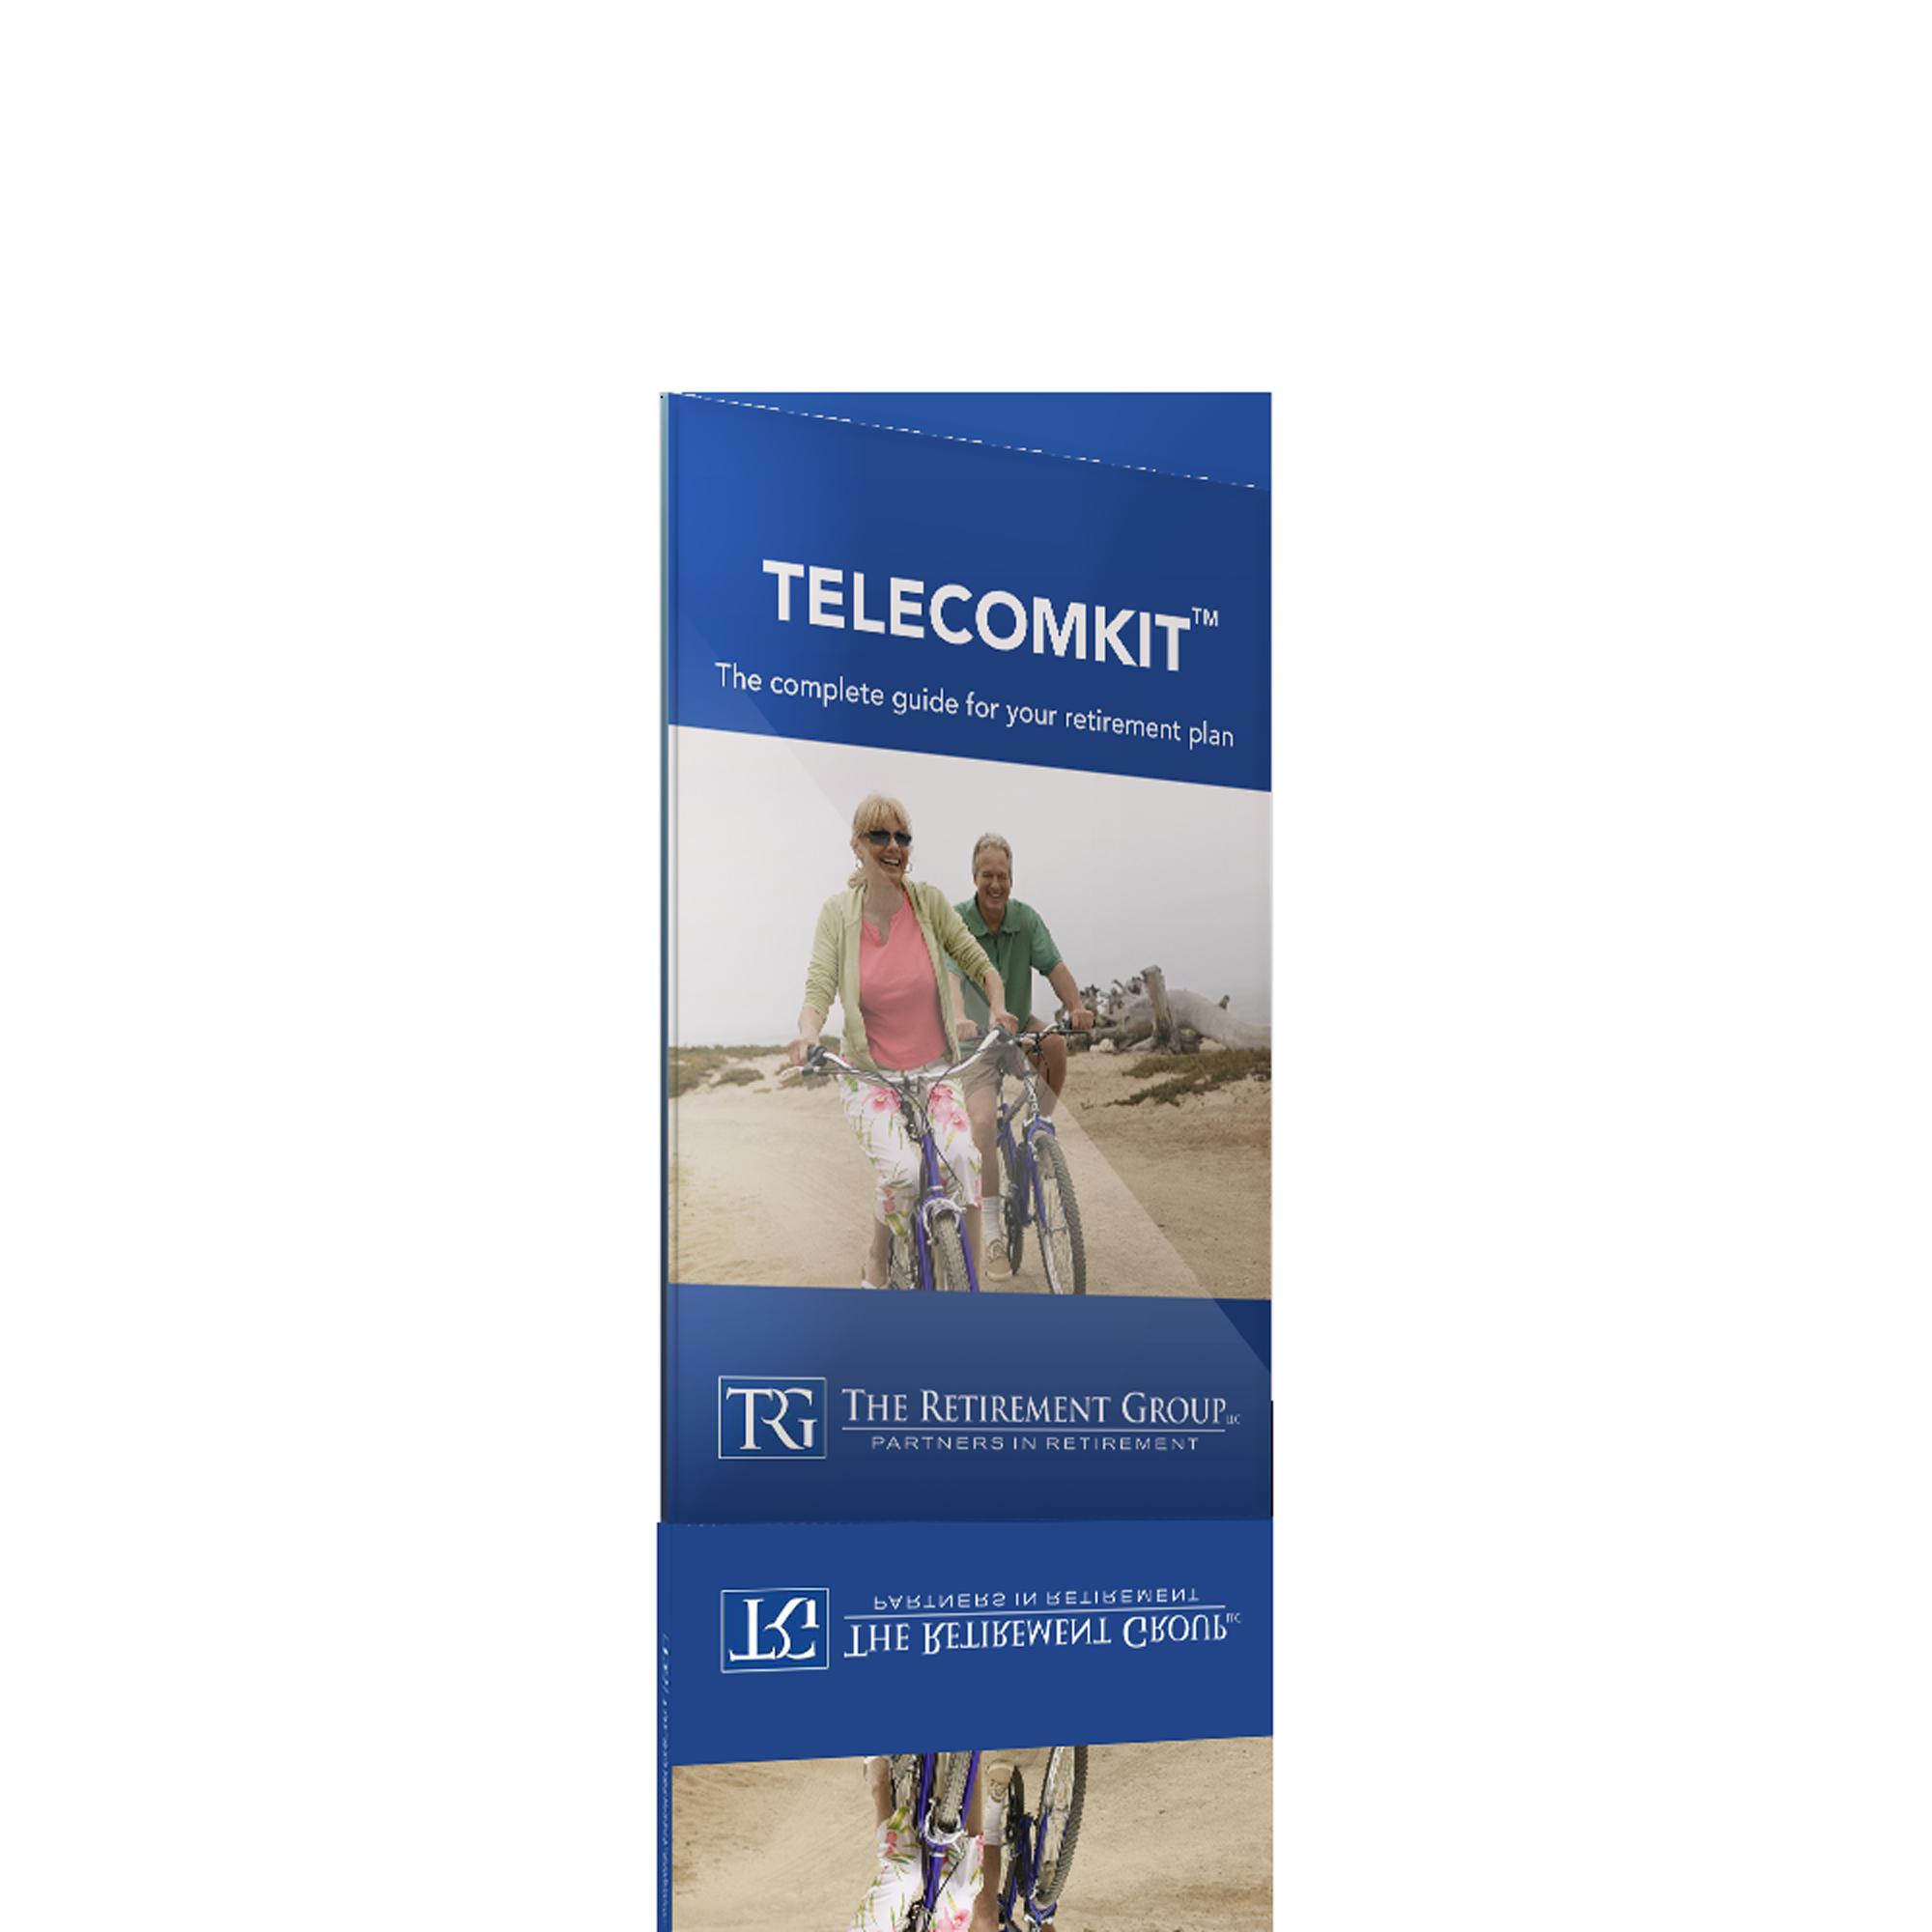 TelecomKIT-1